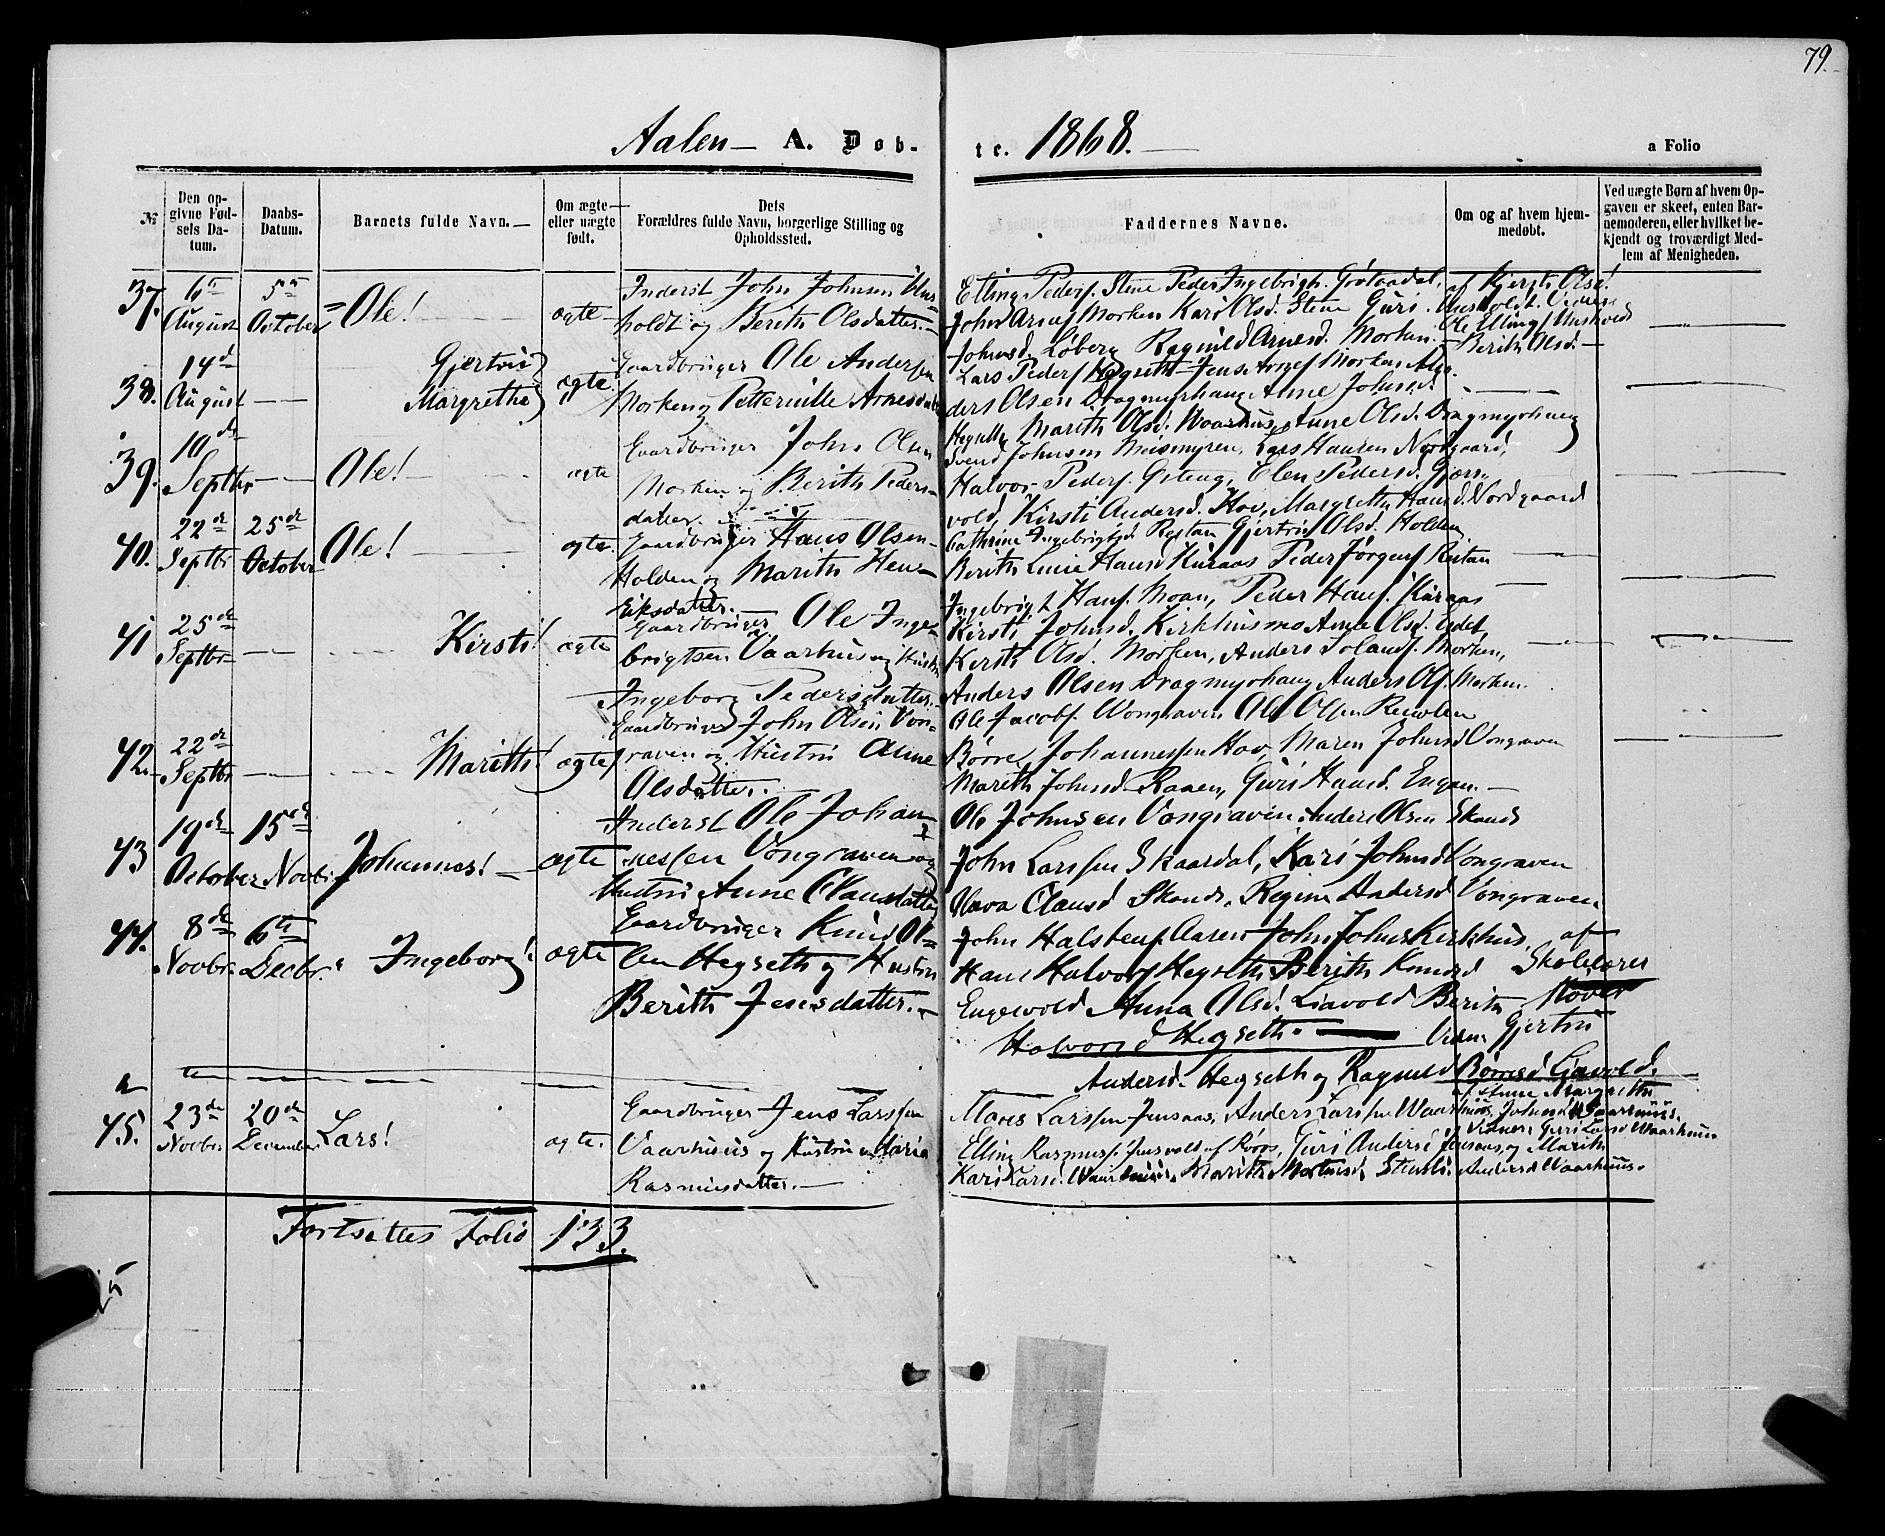 SAT, Ministerialprotokoller, klokkerbøker og fødselsregistre - Sør-Trøndelag, 685/L0968: Ministerialbok nr. 685A07 /3, 1860-1869, s. 79